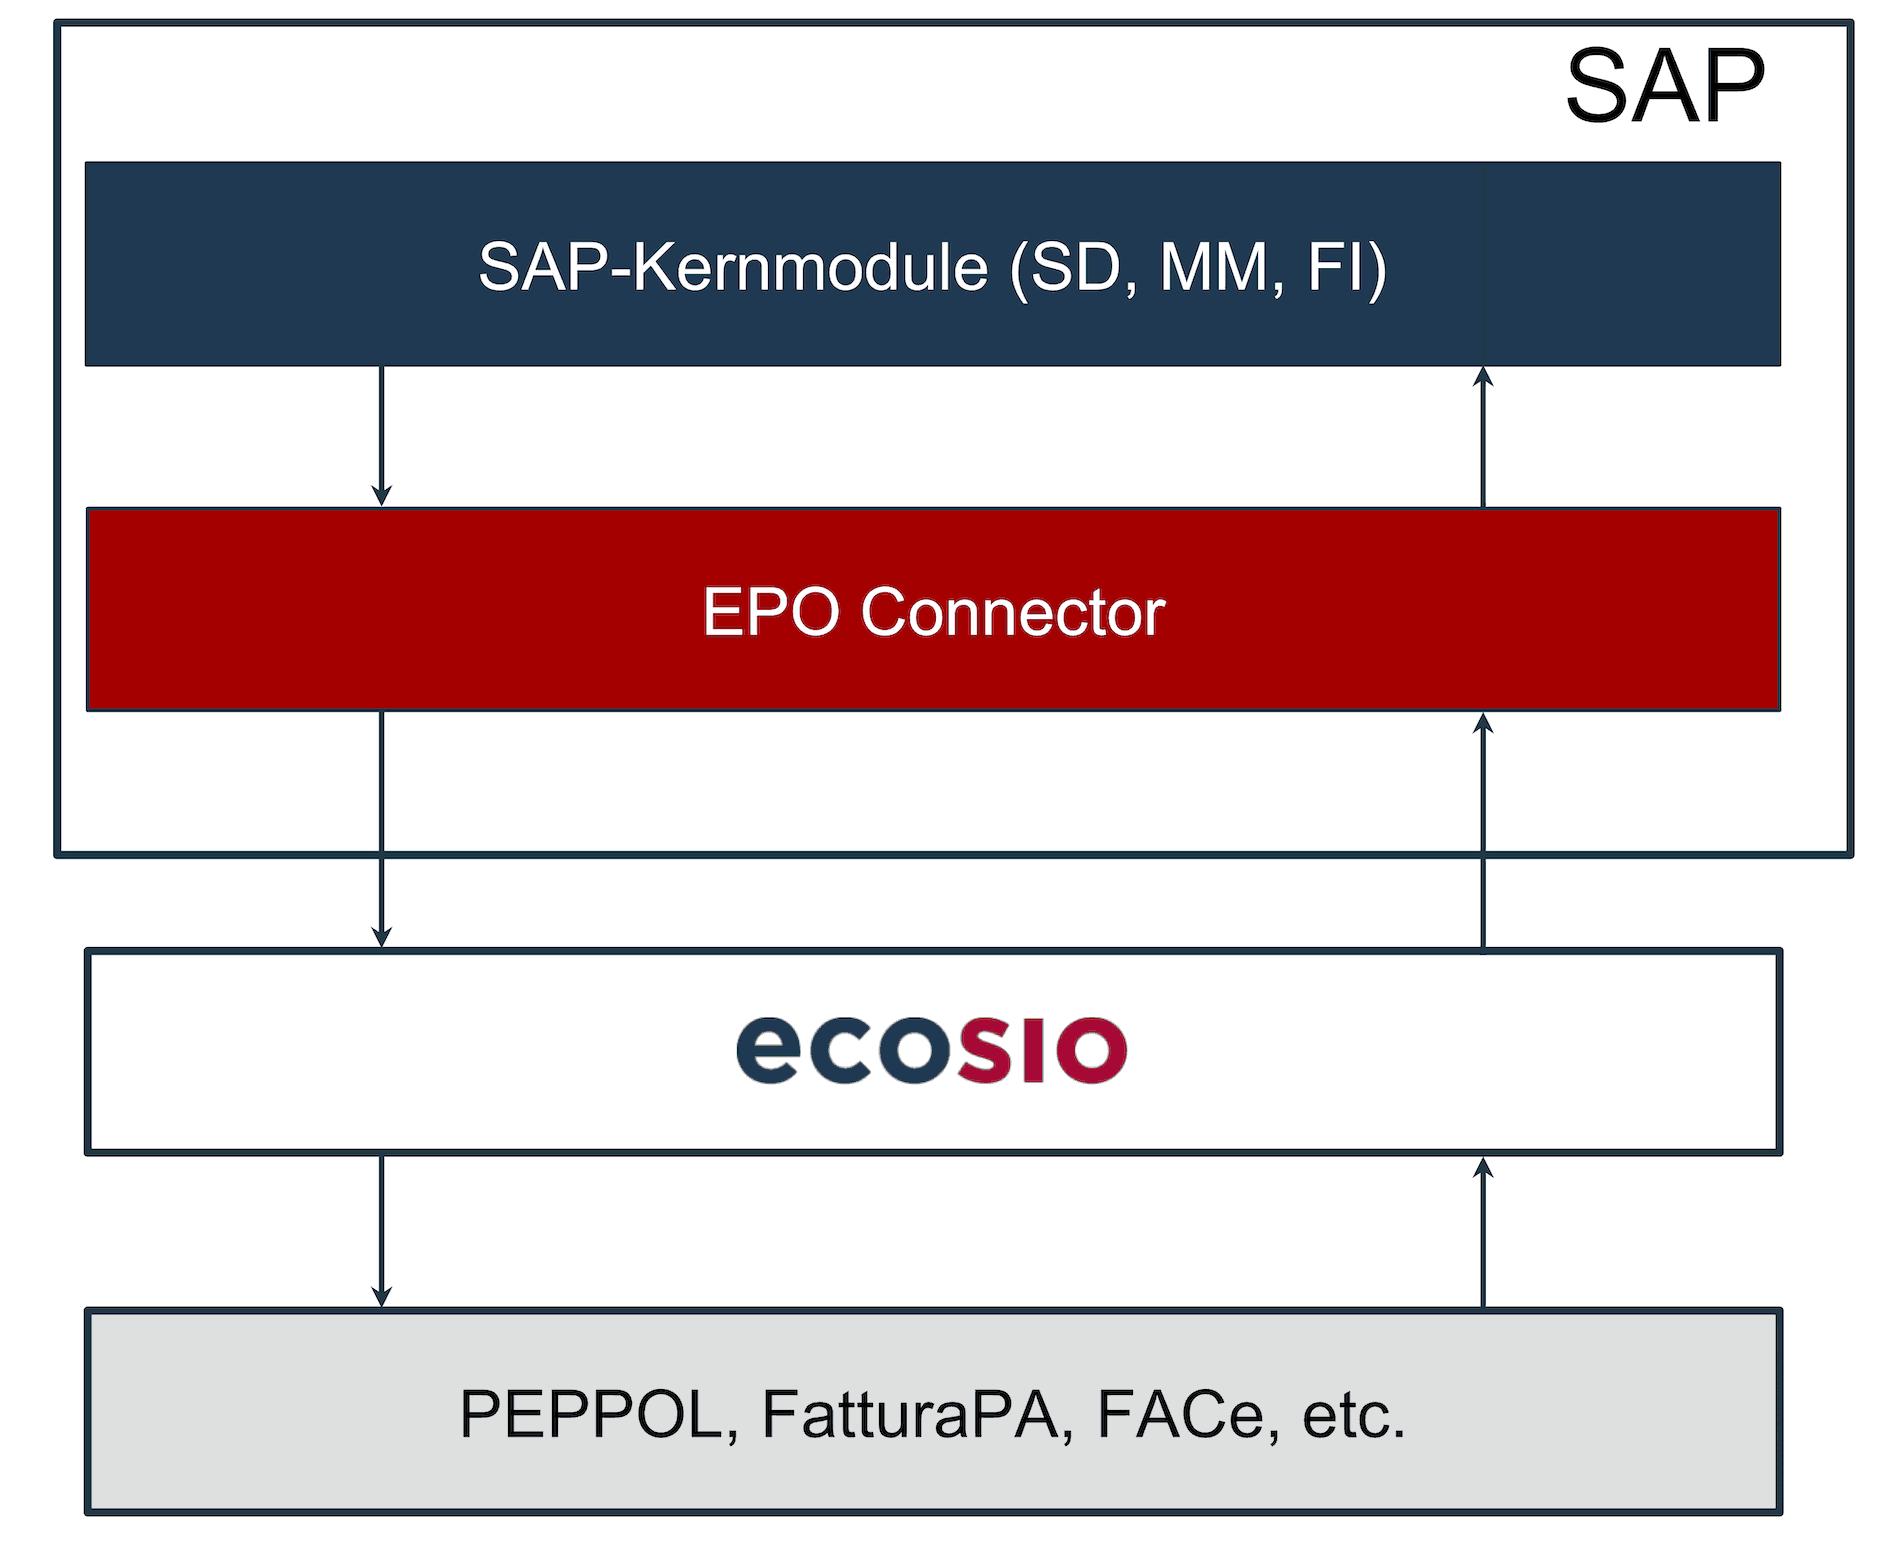 Konvertierung und Versand von e-Rechnungen mithilfe eines Dienstleisters und ohne e-Rechnungs-Framework